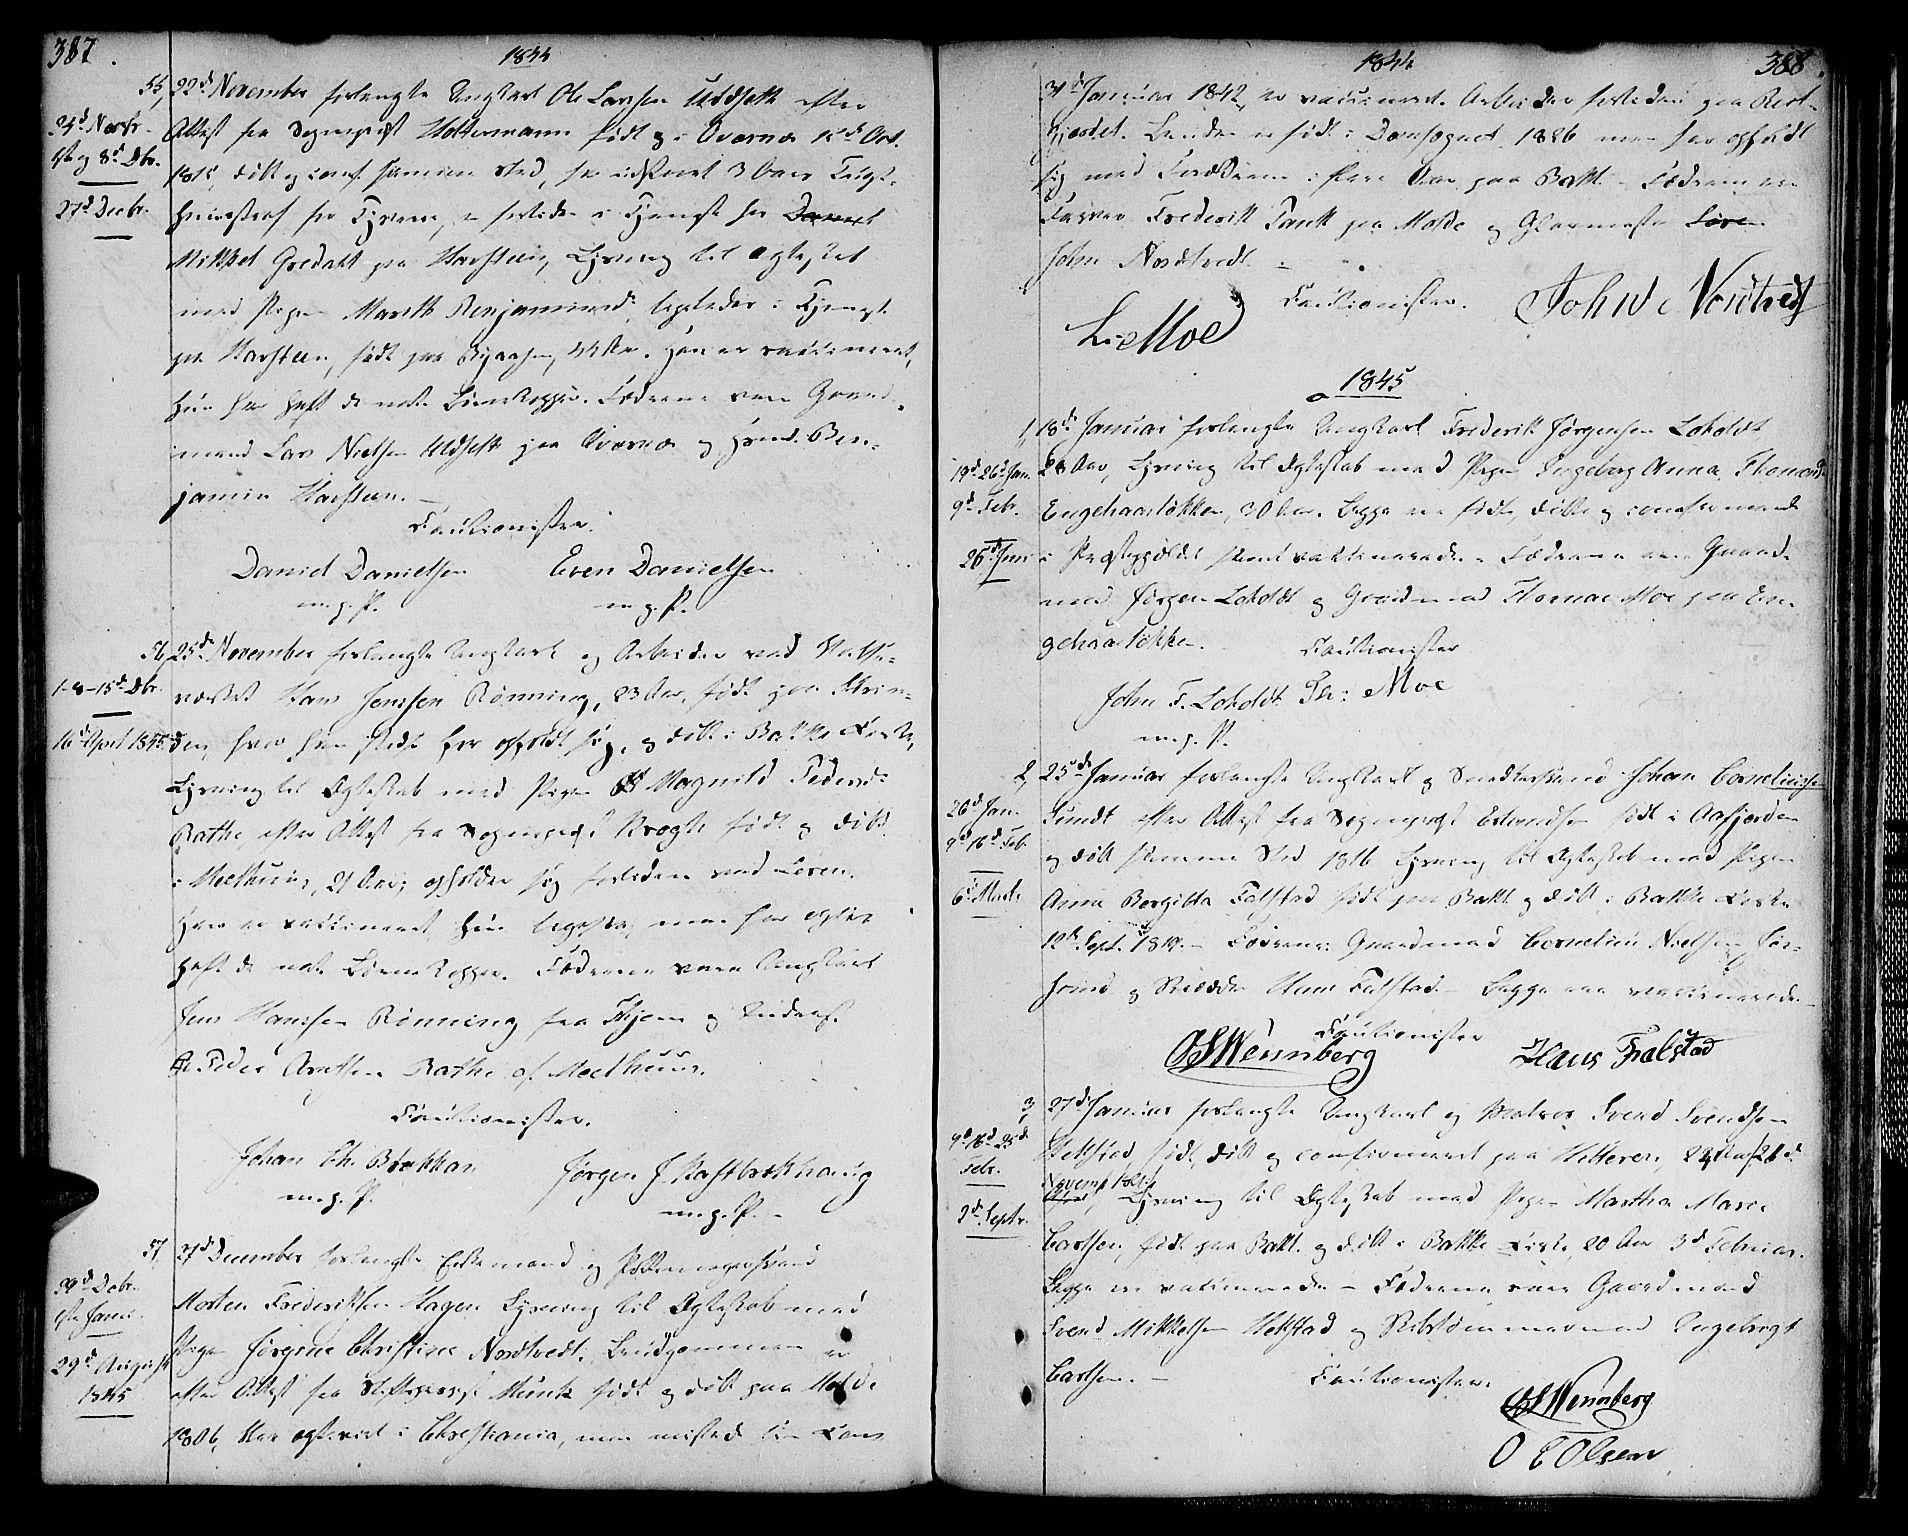 SAT, Ministerialprotokoller, klokkerbøker og fødselsregistre - Sør-Trøndelag, 604/L0181: Ministerialbok nr. 604A02, 1798-1817, s. 387-388